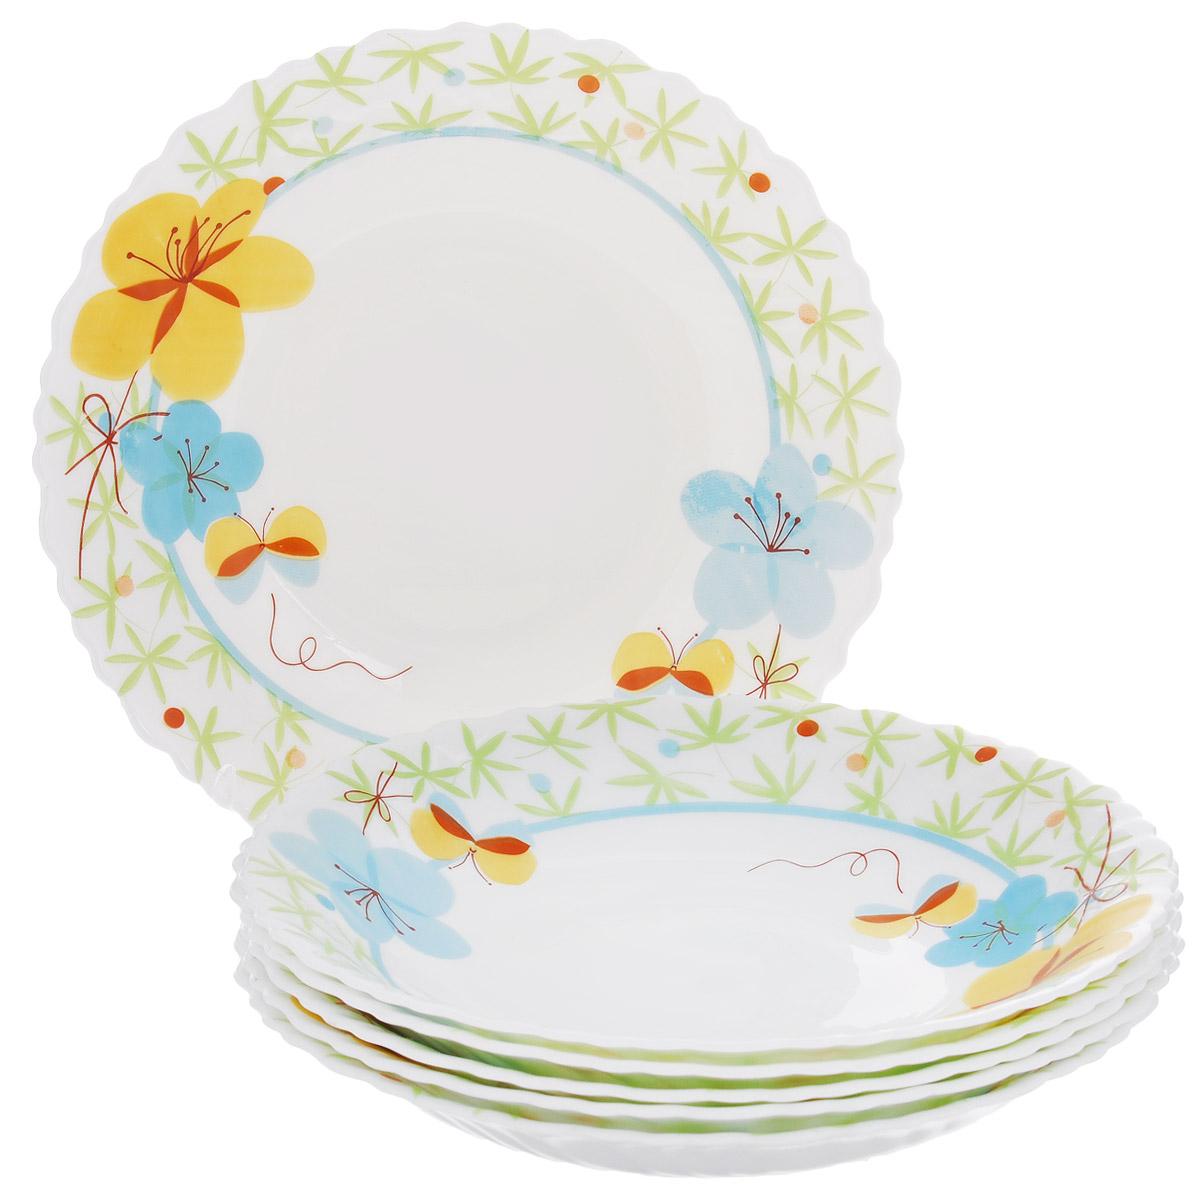 Набор глубоких тарелок Цветочки, диаметр 21,5 см, 6 штLHP85/6-1102Набор тарелок Цветочки, выполненный из высококачественного стекла, состоит из 6 глубоких тарелок. Тарелки украшены принтом в виде цветов и бабочек и фигурными краями. Они сочетают в себе изысканный дизайн с максимальной функциональностью. Оригинальность оформления тарелок придется по вкусу и ценителям классики, и тем, кто предпочитает утонченность и изящность. Набор тарелок Цветочки послужит отличным подарком к любому празднику.